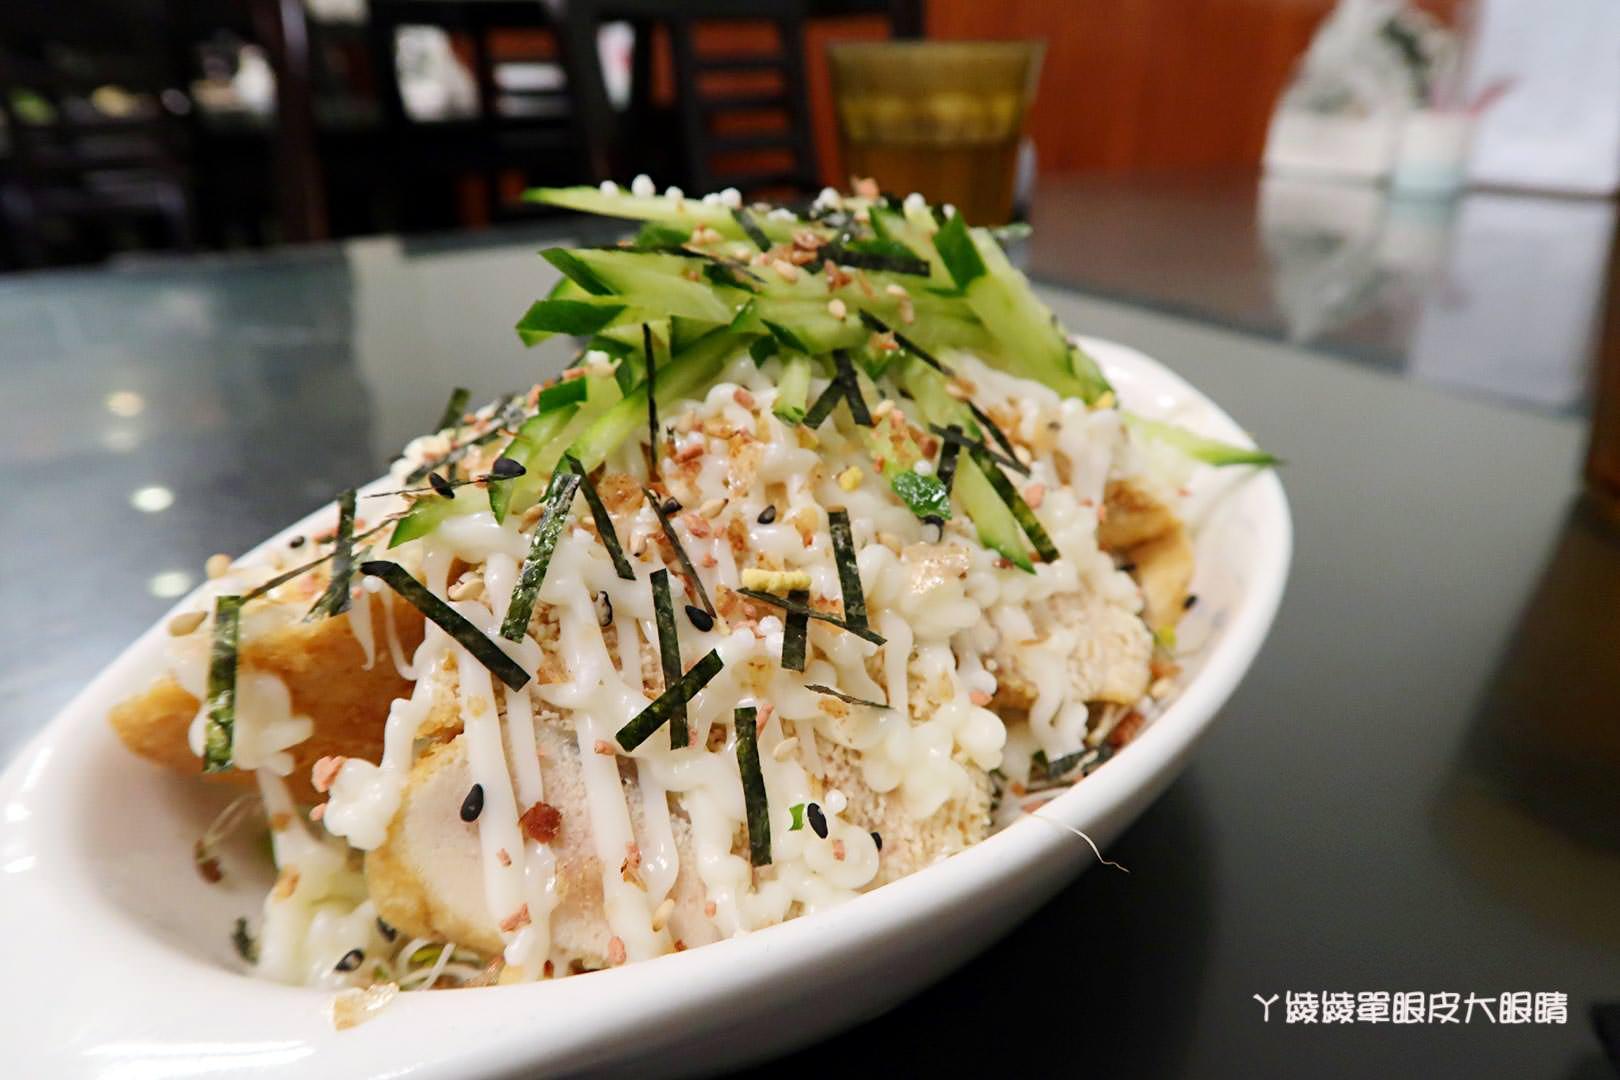 新竹平價日本料理推薦中山路《楓之屋中日式料理》,擔仔麵 握壽司 生魚片 日式小菜